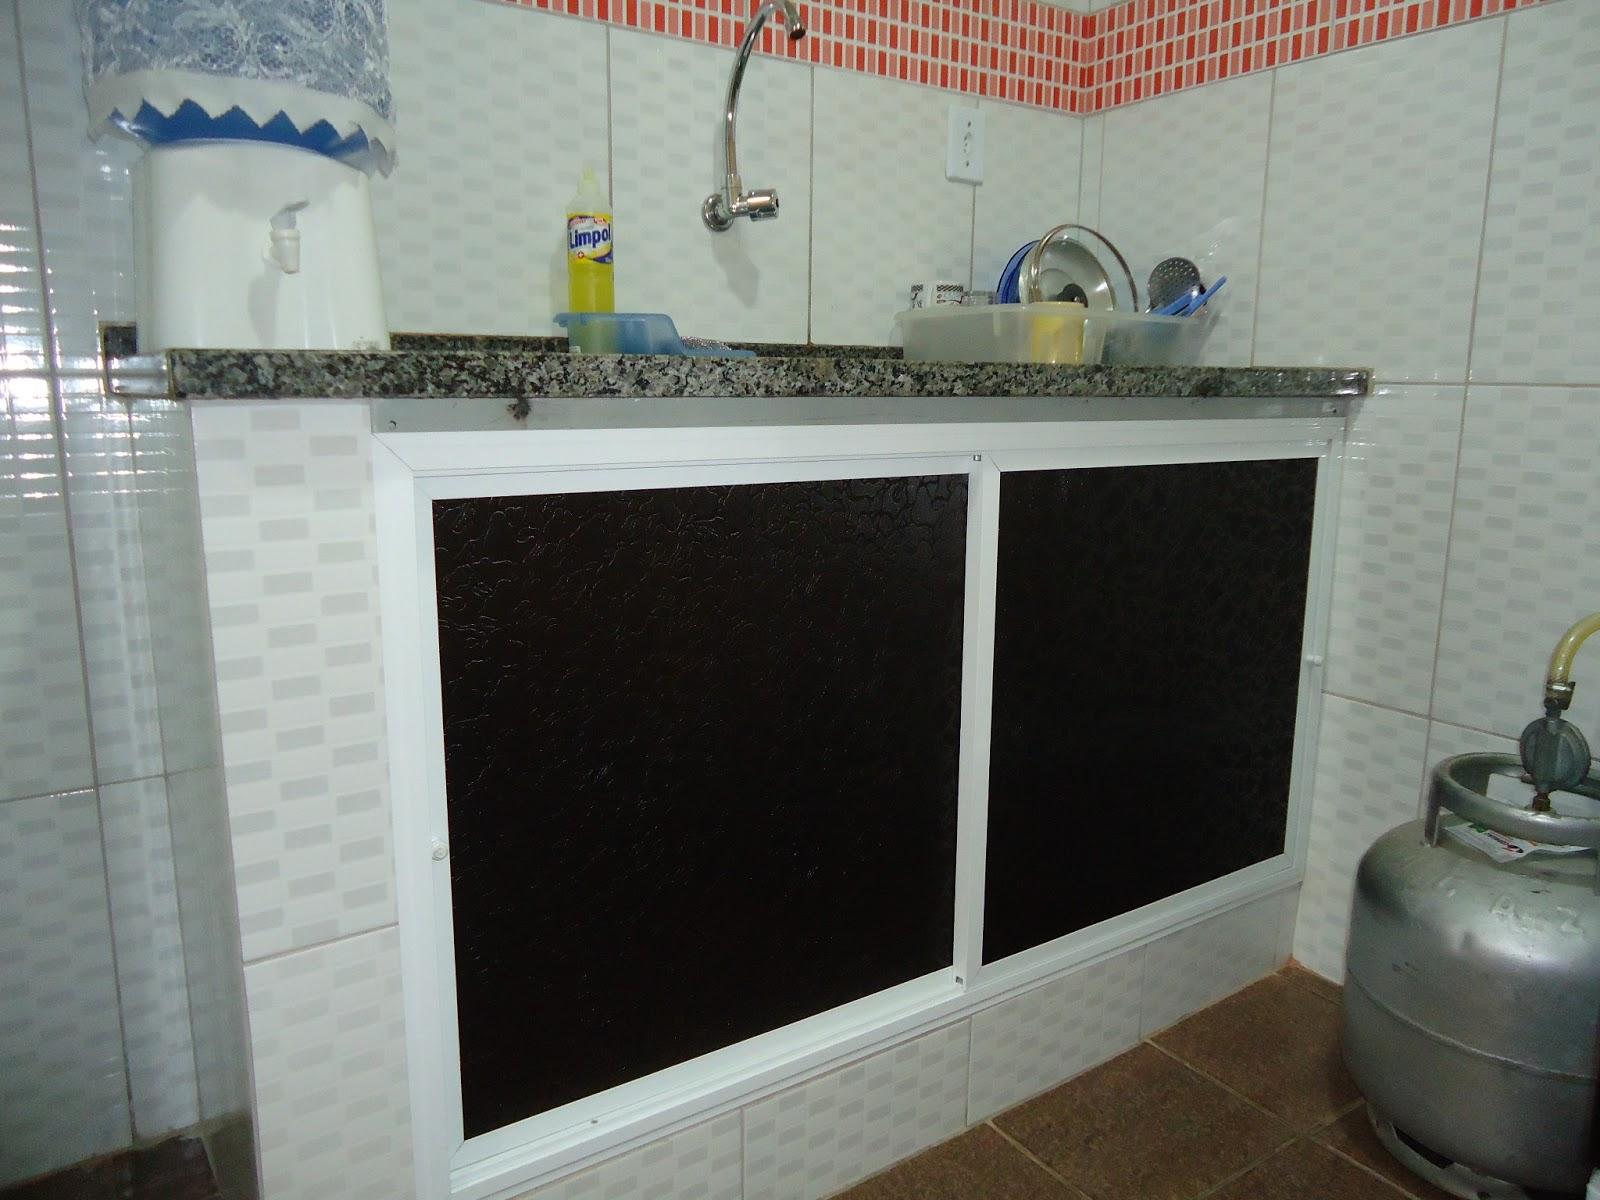 Balcao Com Pia nas Casas Bahia #8D4533 1600 1200